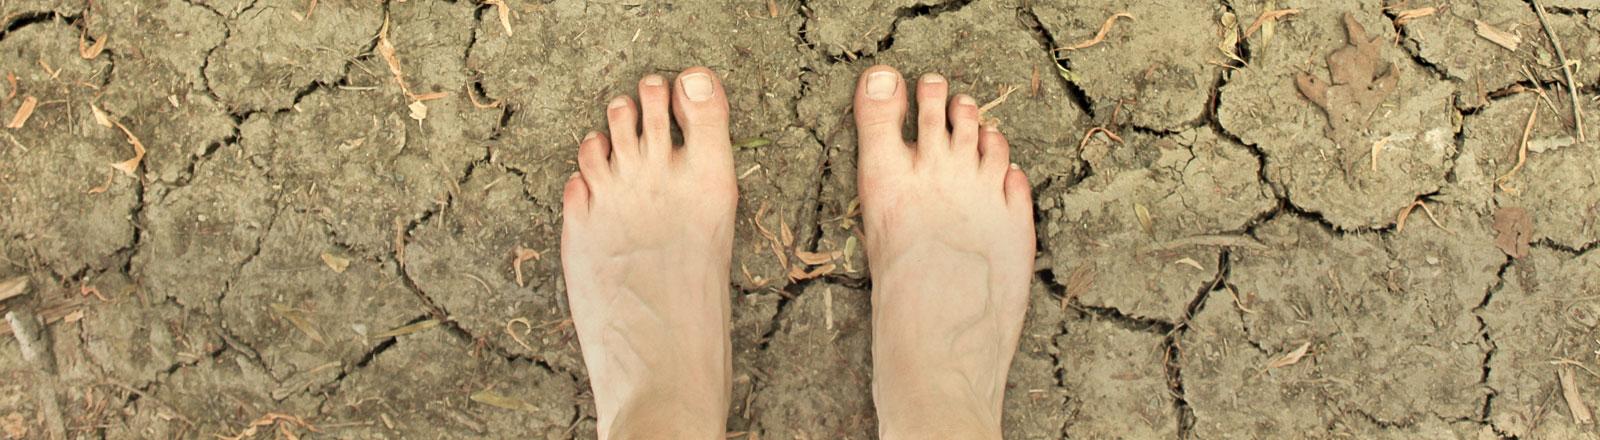 Zwei nackte Füße auf verdorrtem Boden